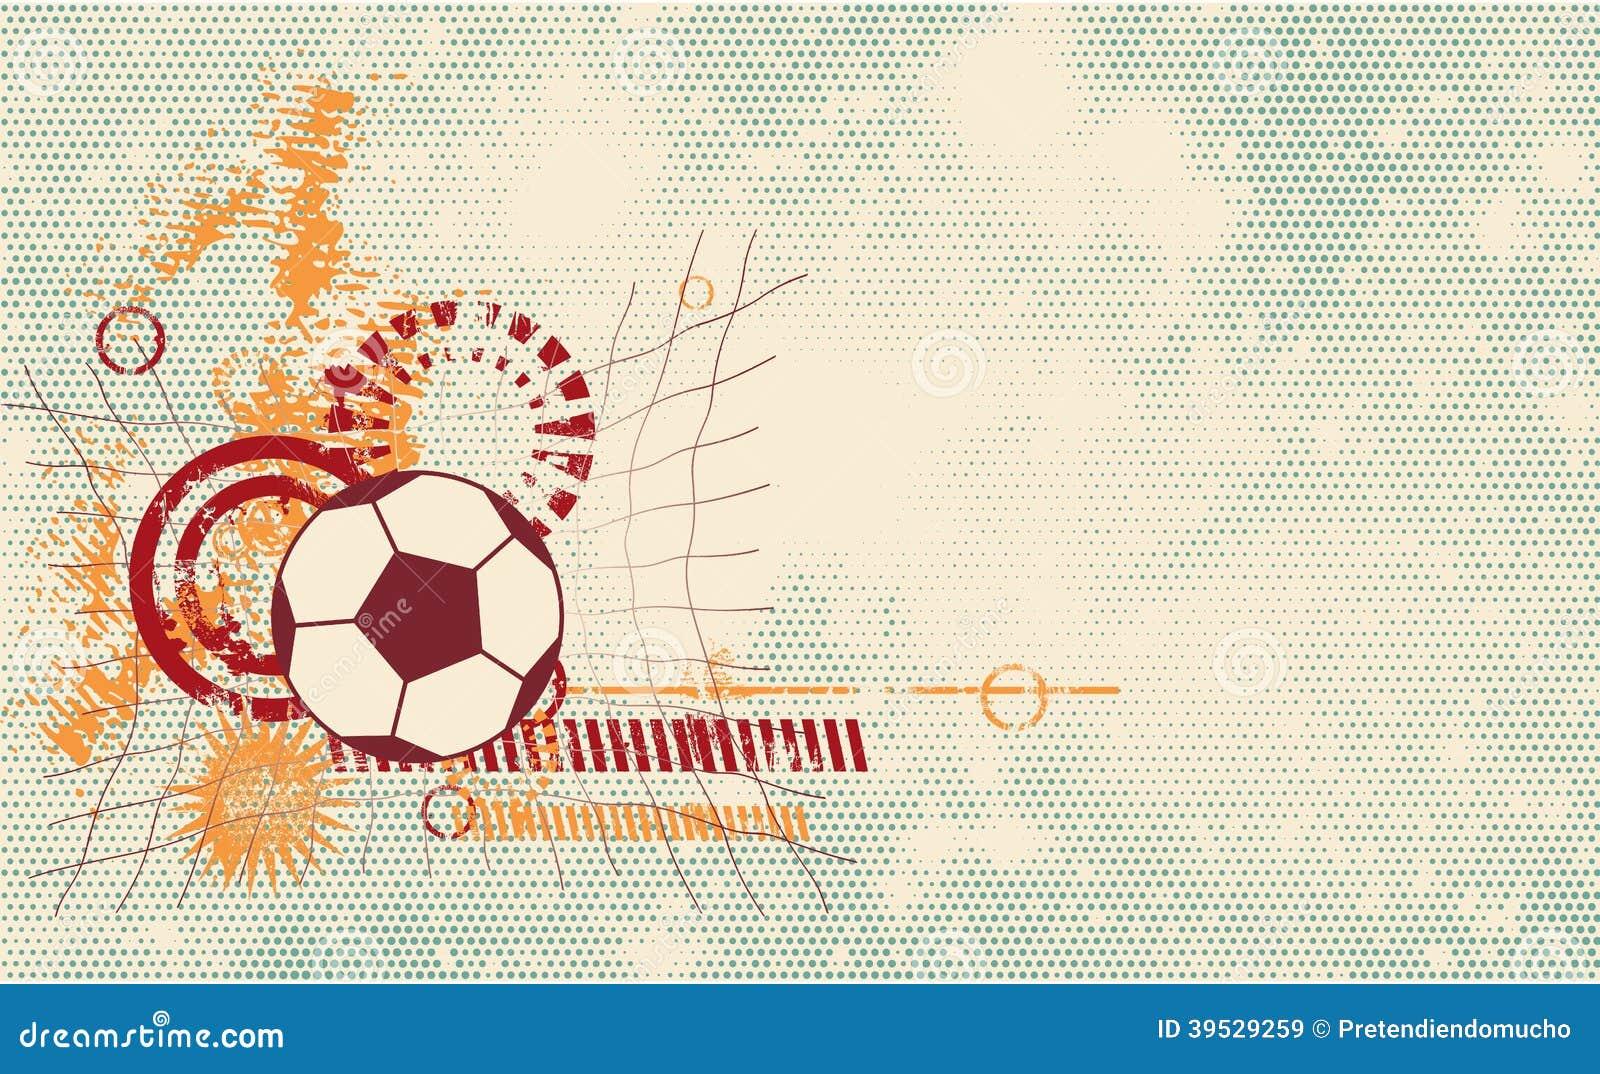 soccer ball modern template stock vector illustration of ornament